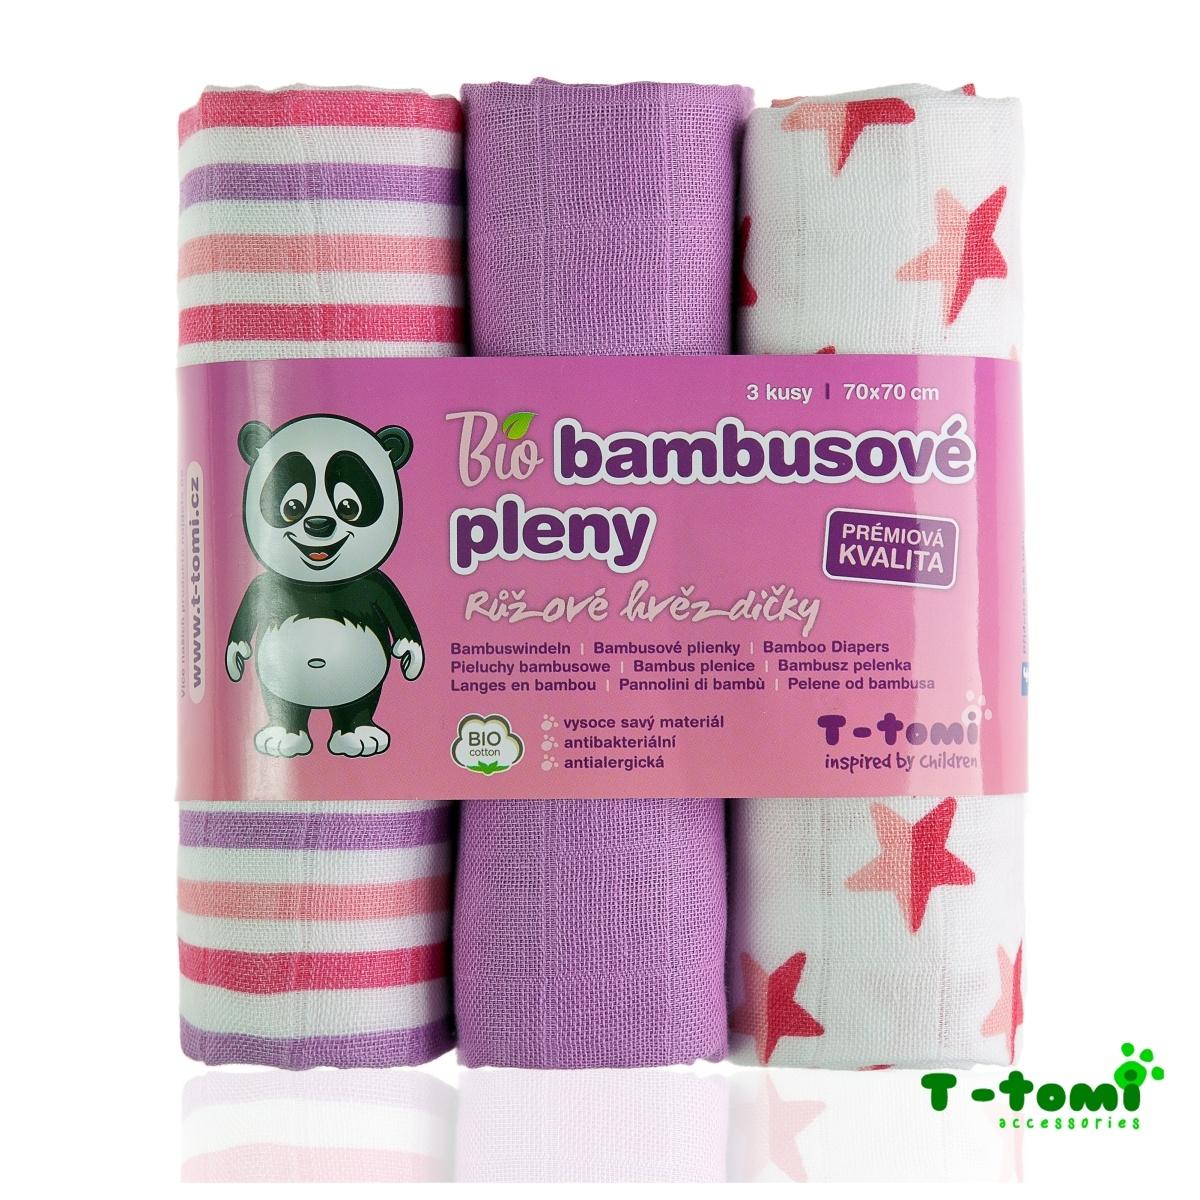 T-tomi BIO Bambusové pleny 3ks, růžové hvězdičky